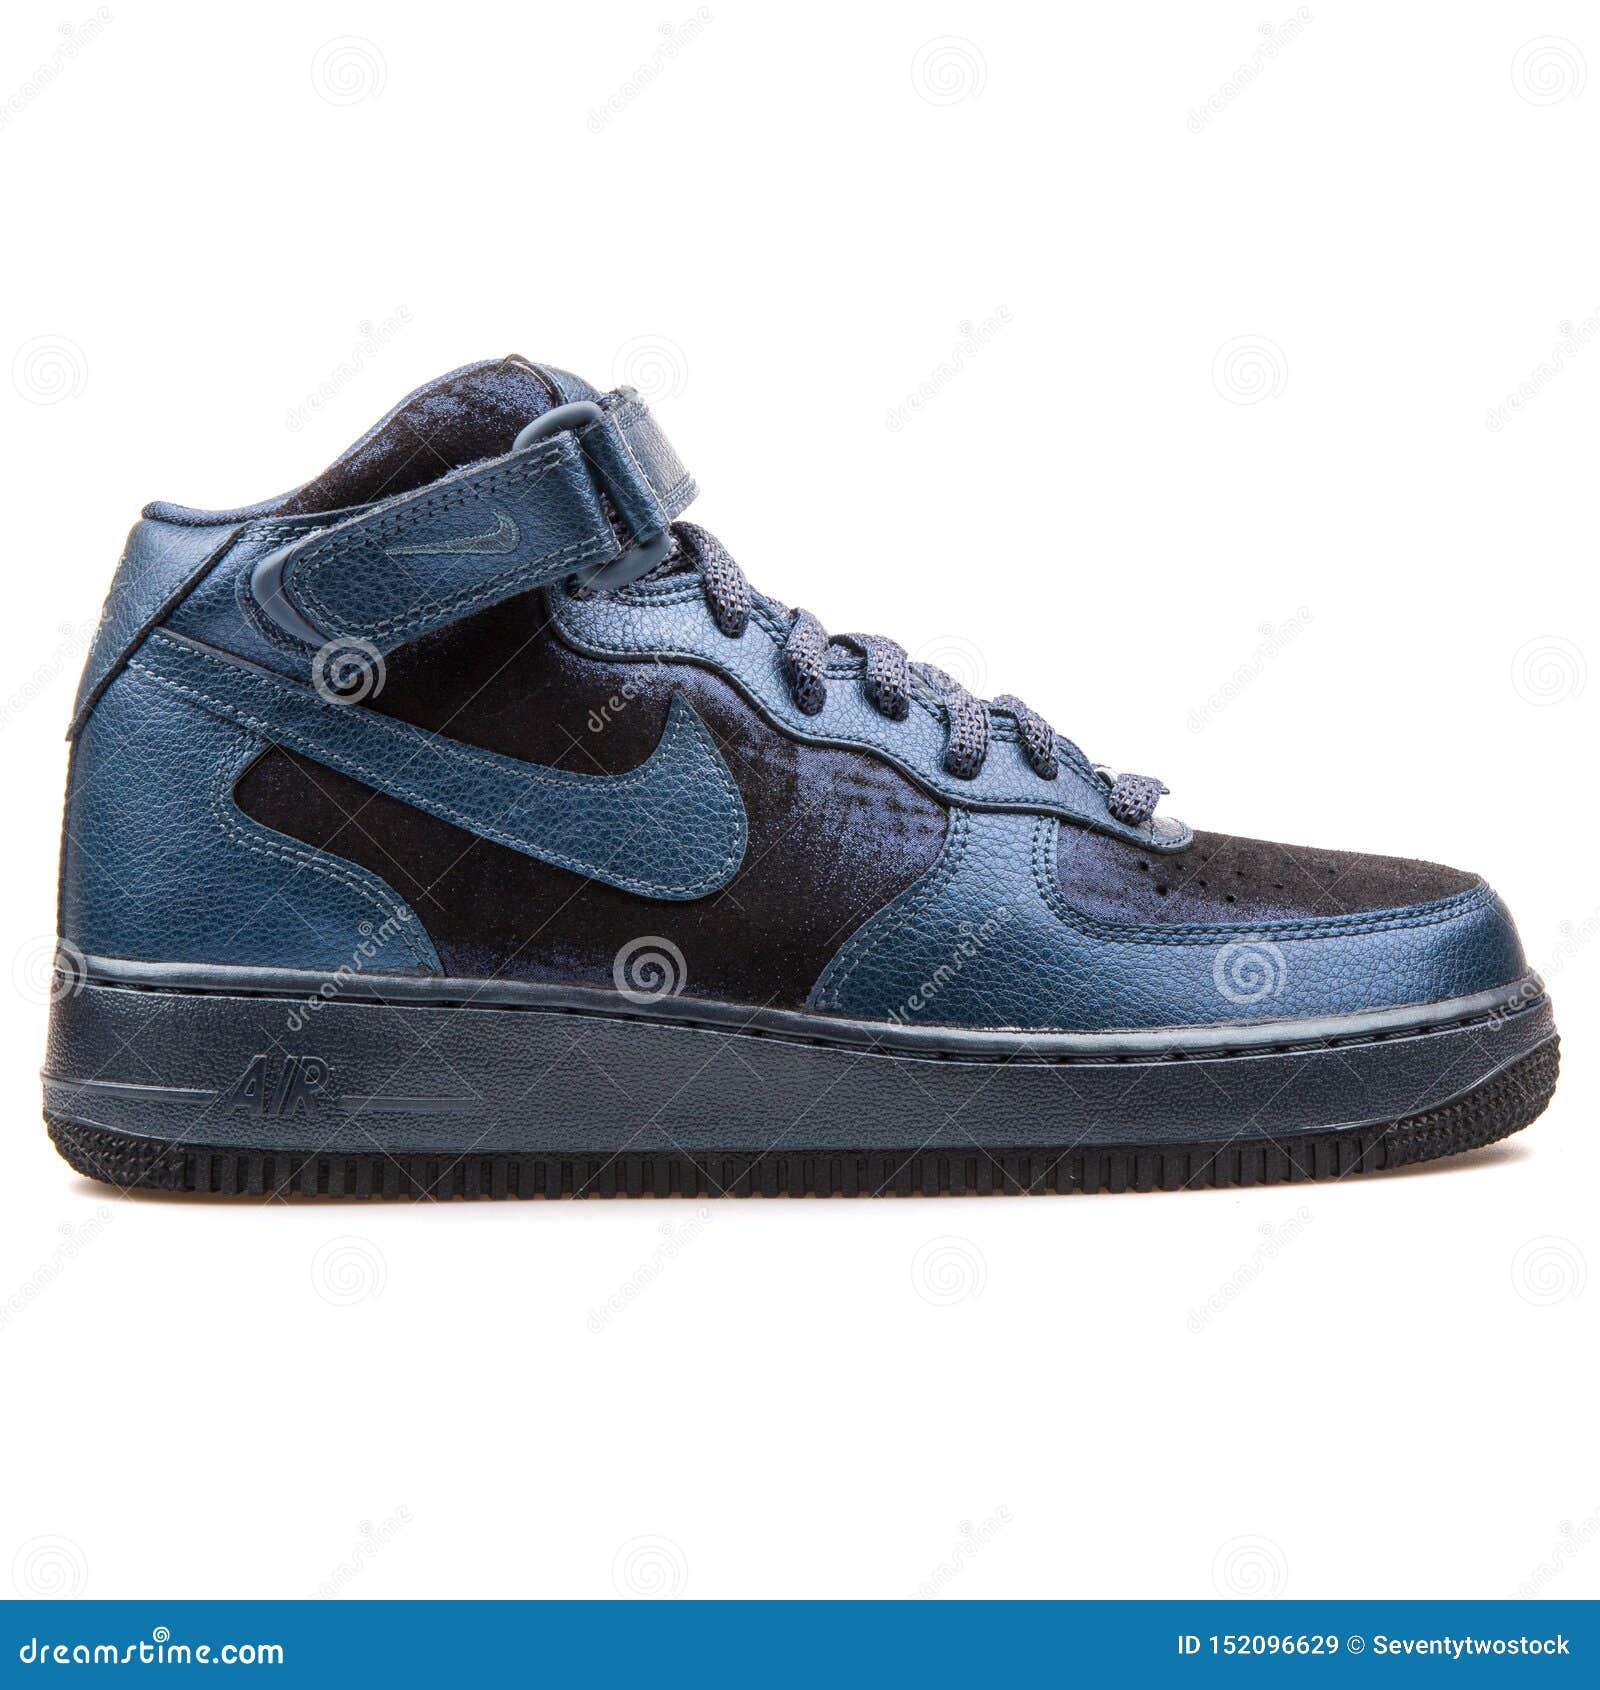 nike air force 1 07 bianche e blu